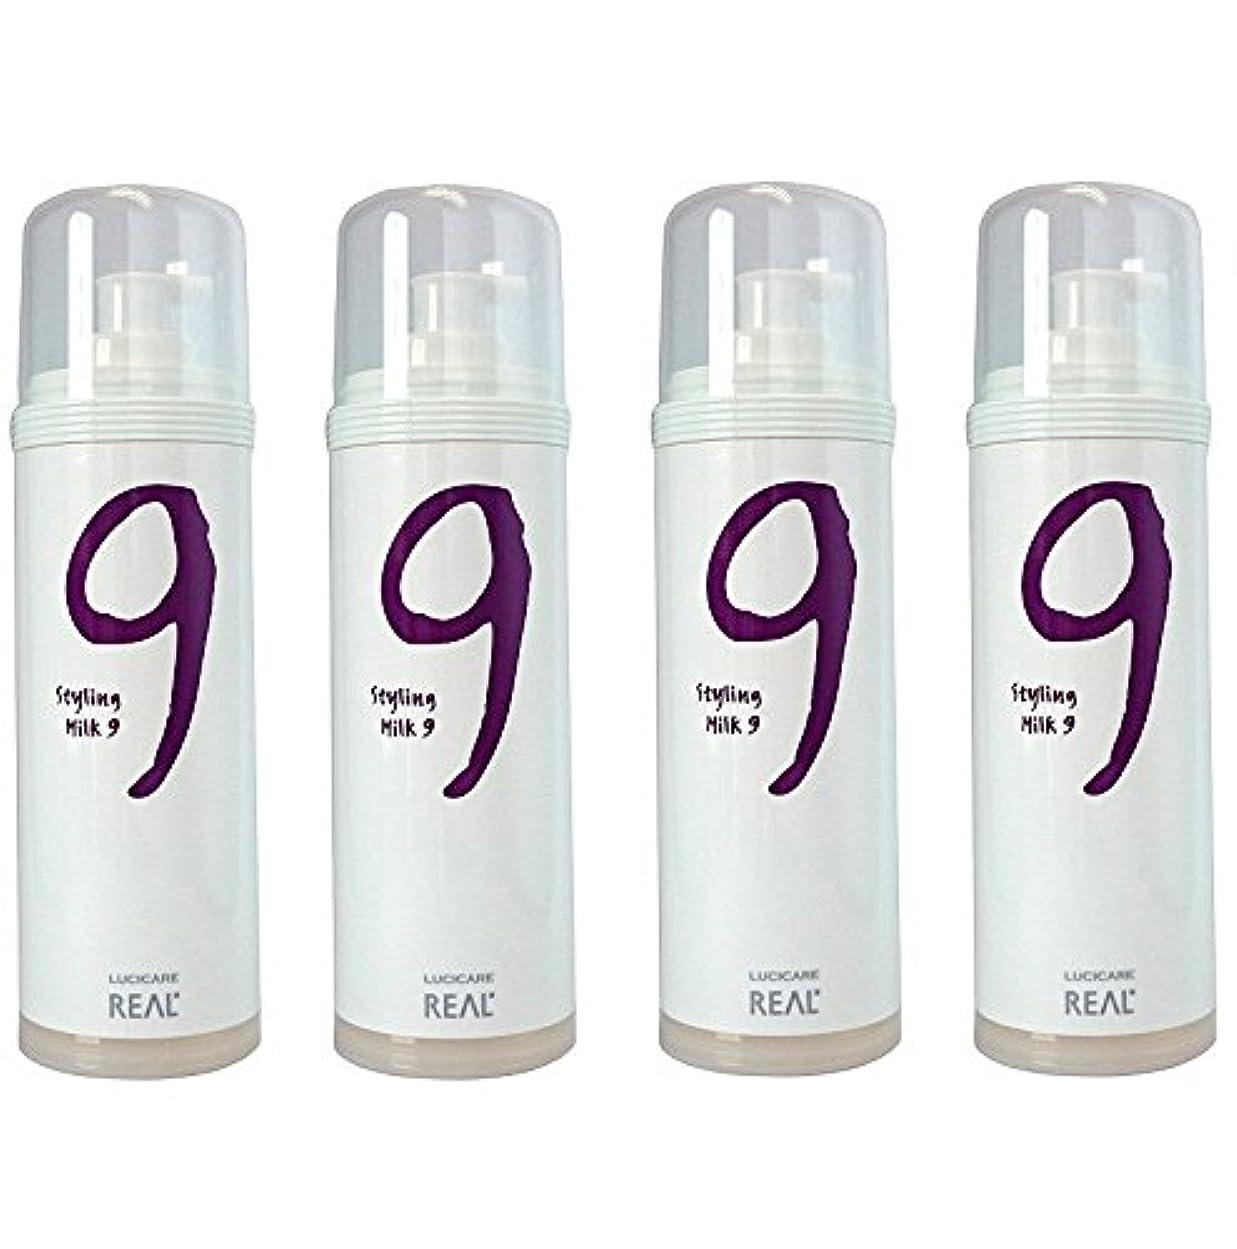 エレガントハッチあらゆる種類の【4本セット】 リアル化学 ルシケア スタイリングミルク9 135g 【ハード】